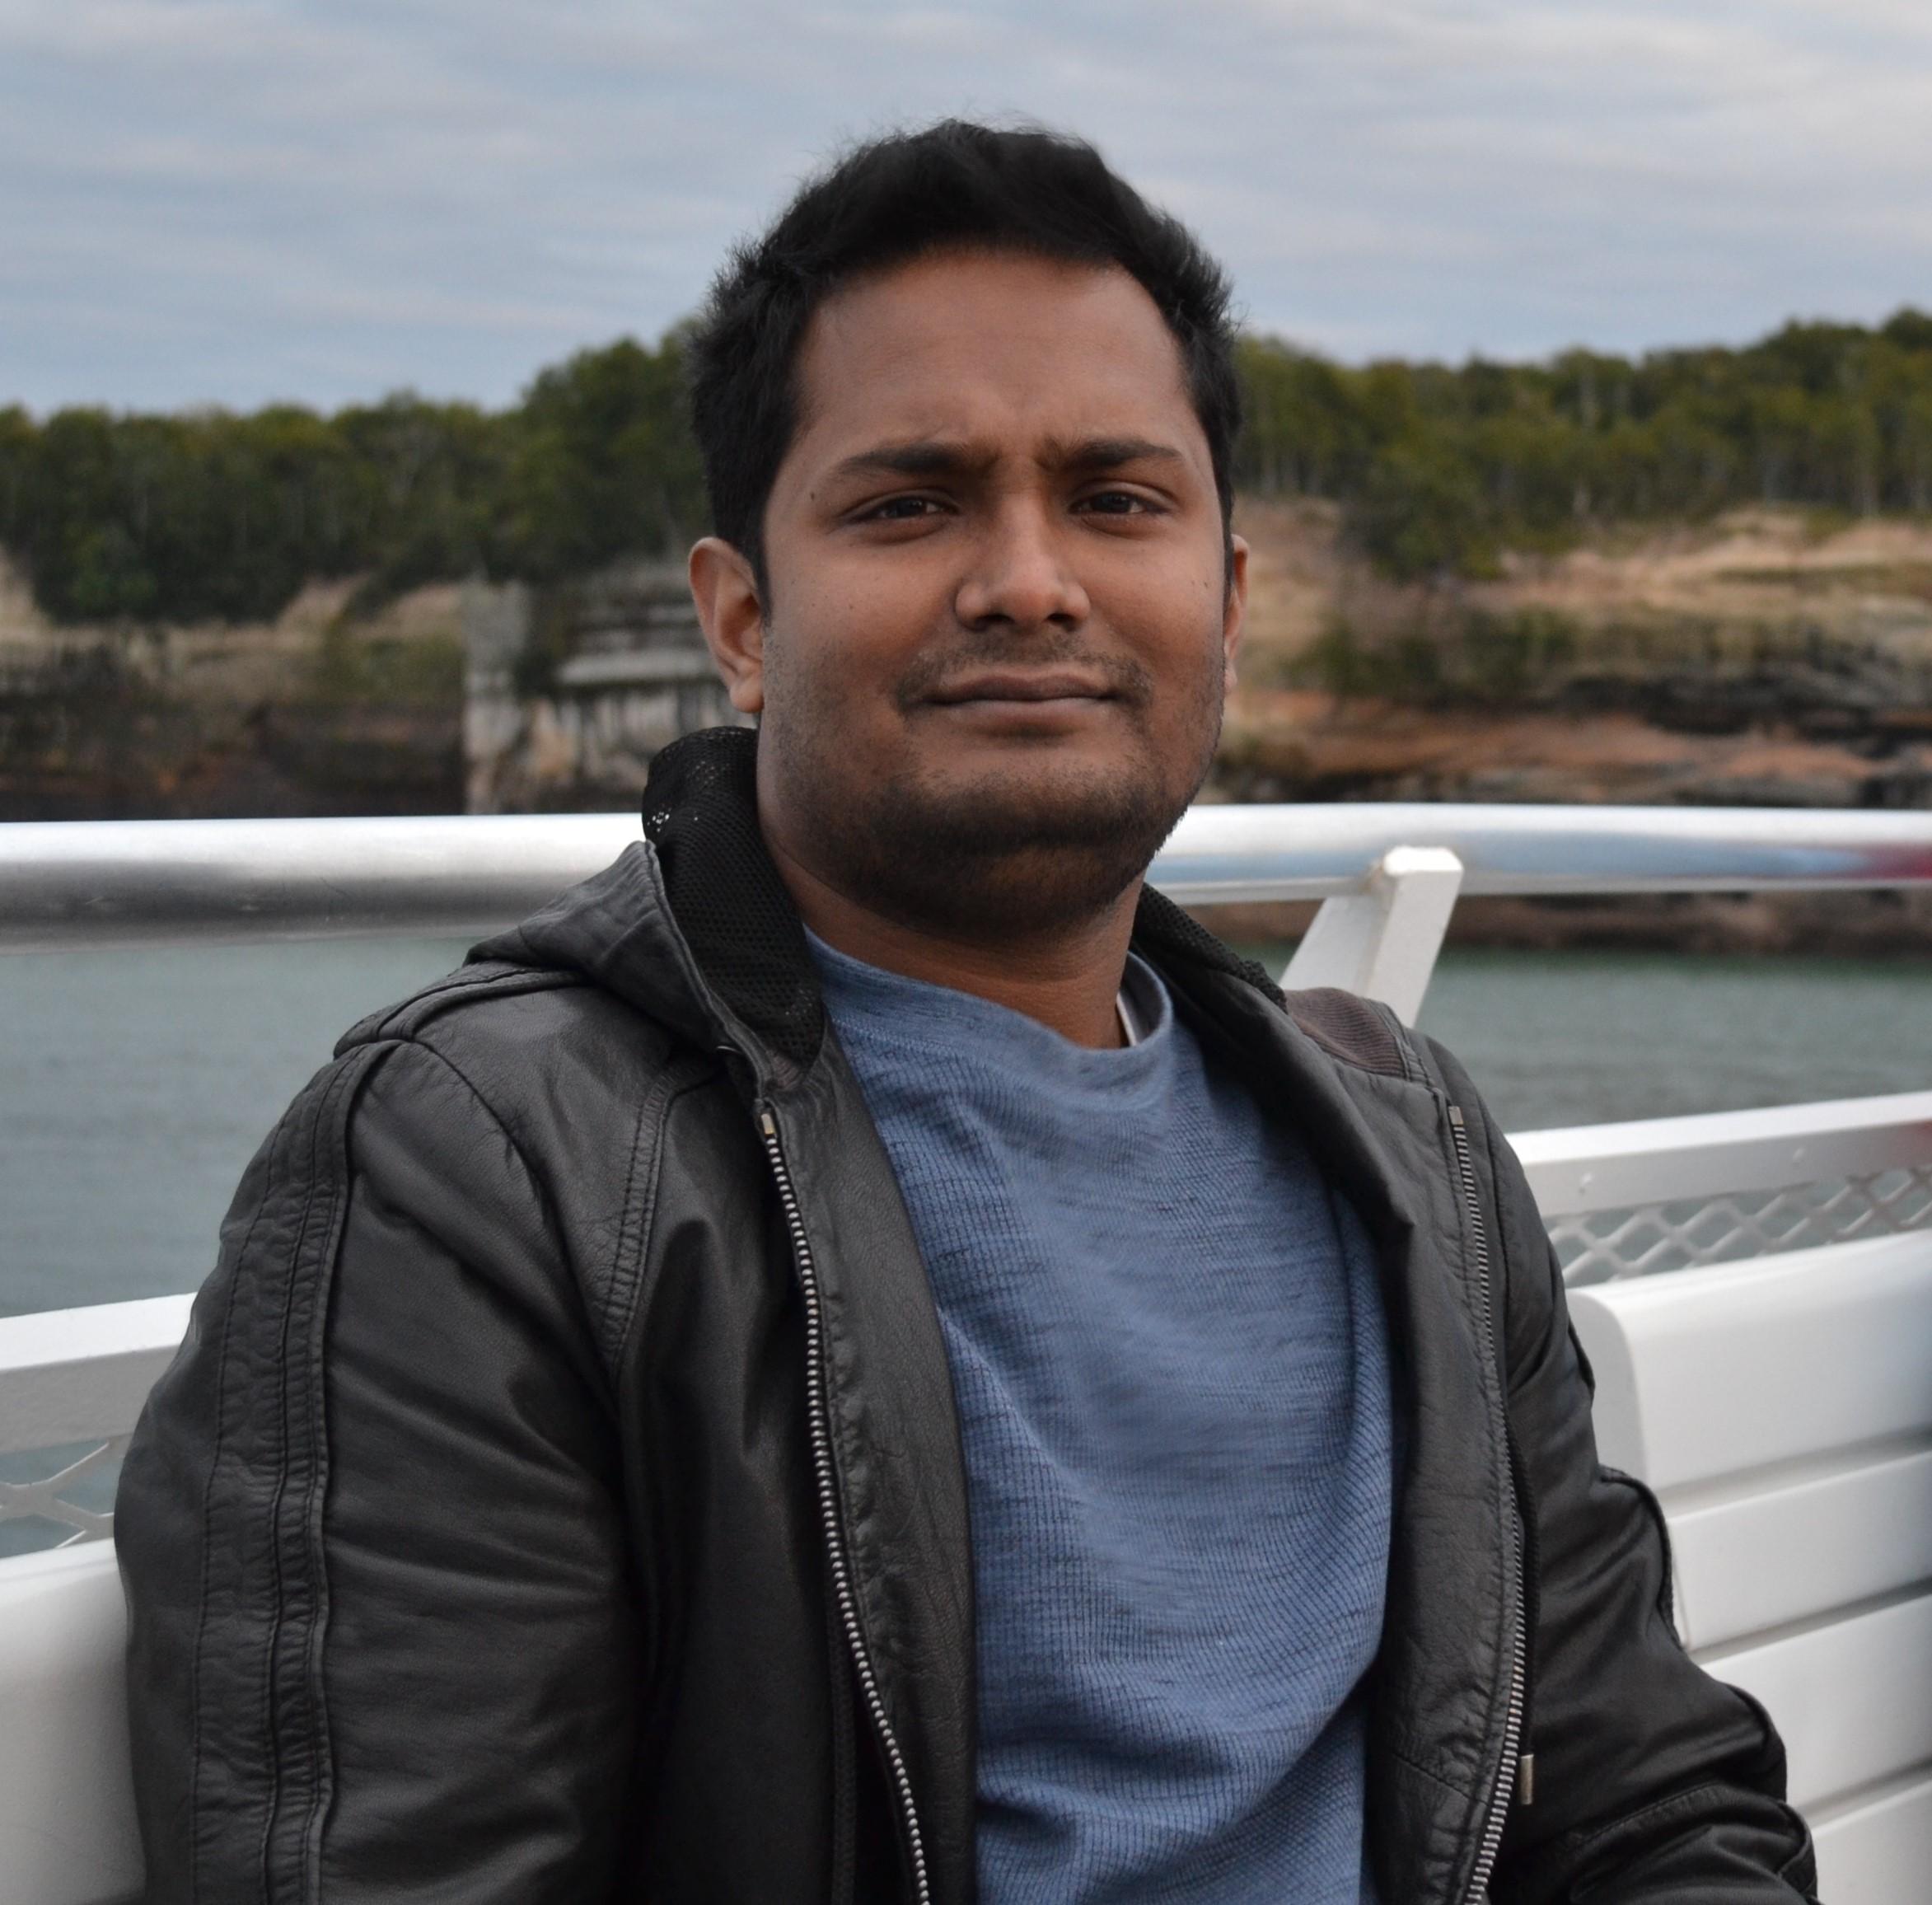 Nadun's profile picture